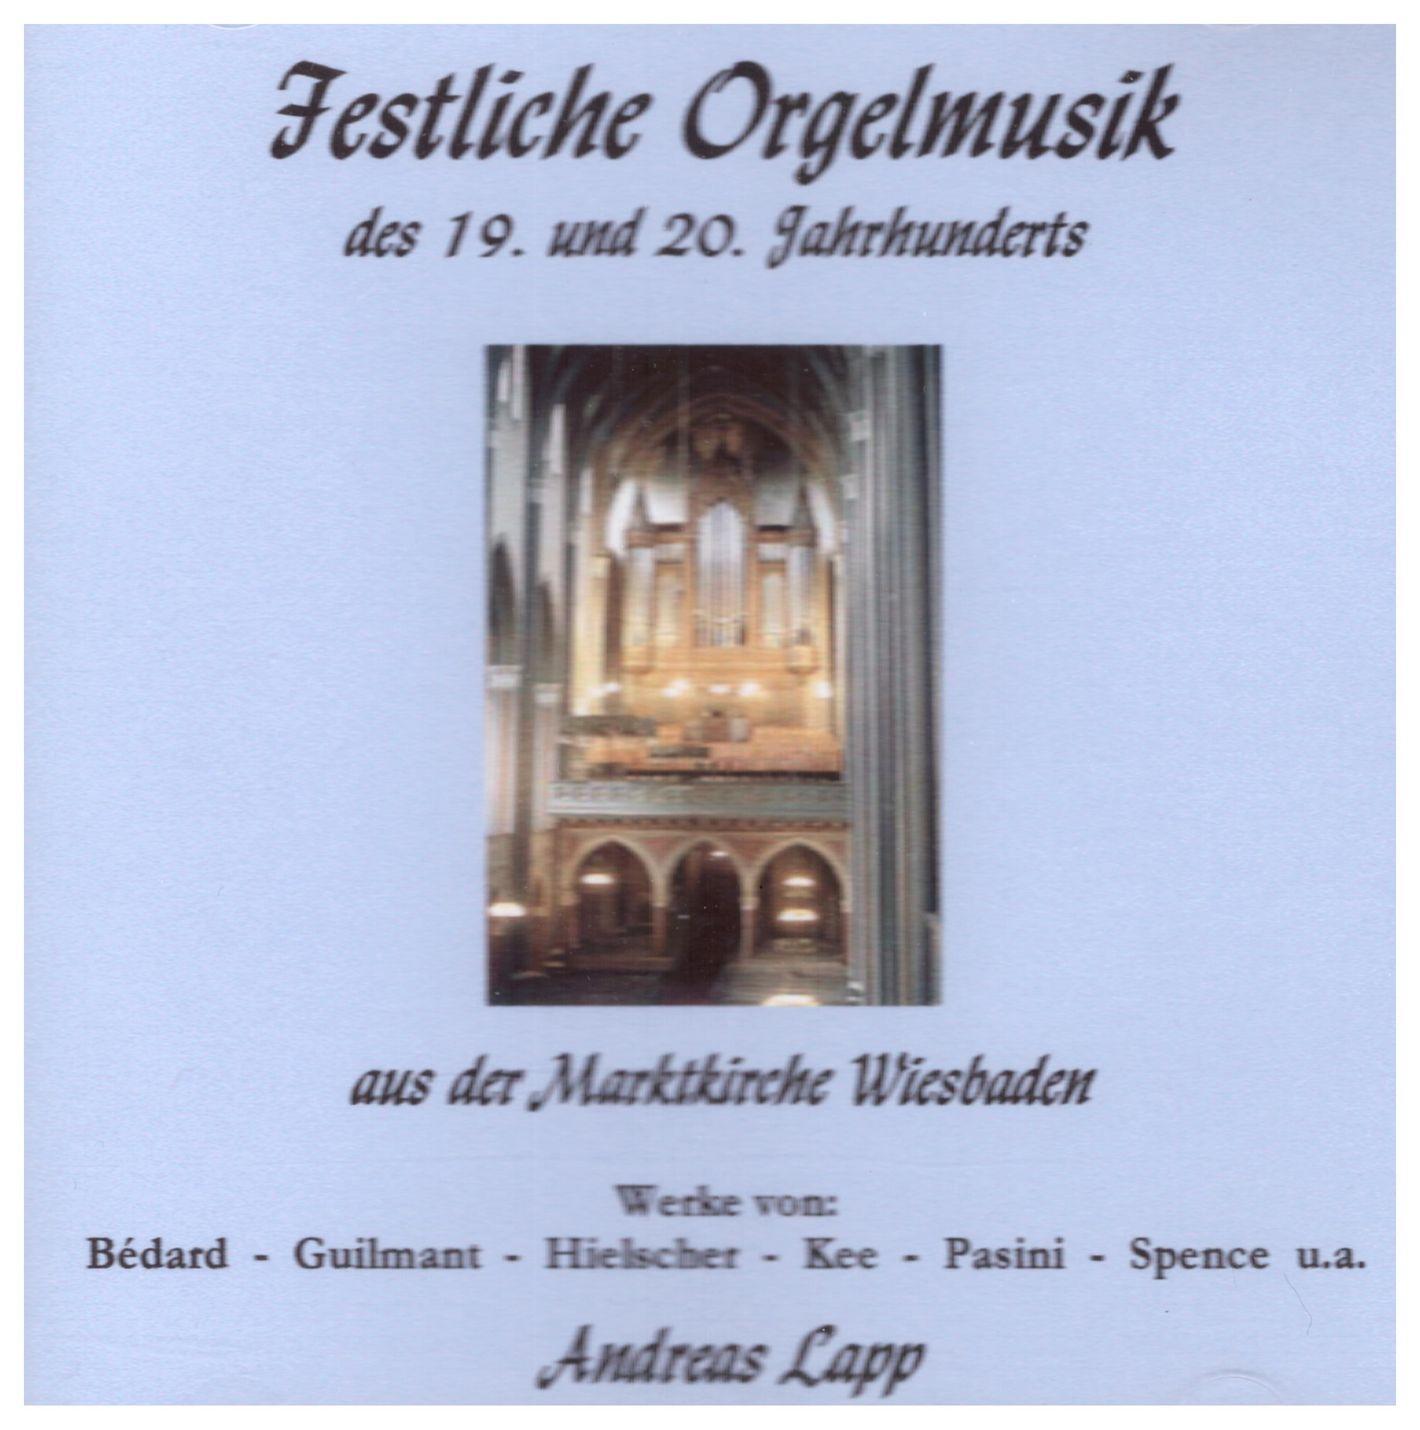 Festliche Orgelmusik